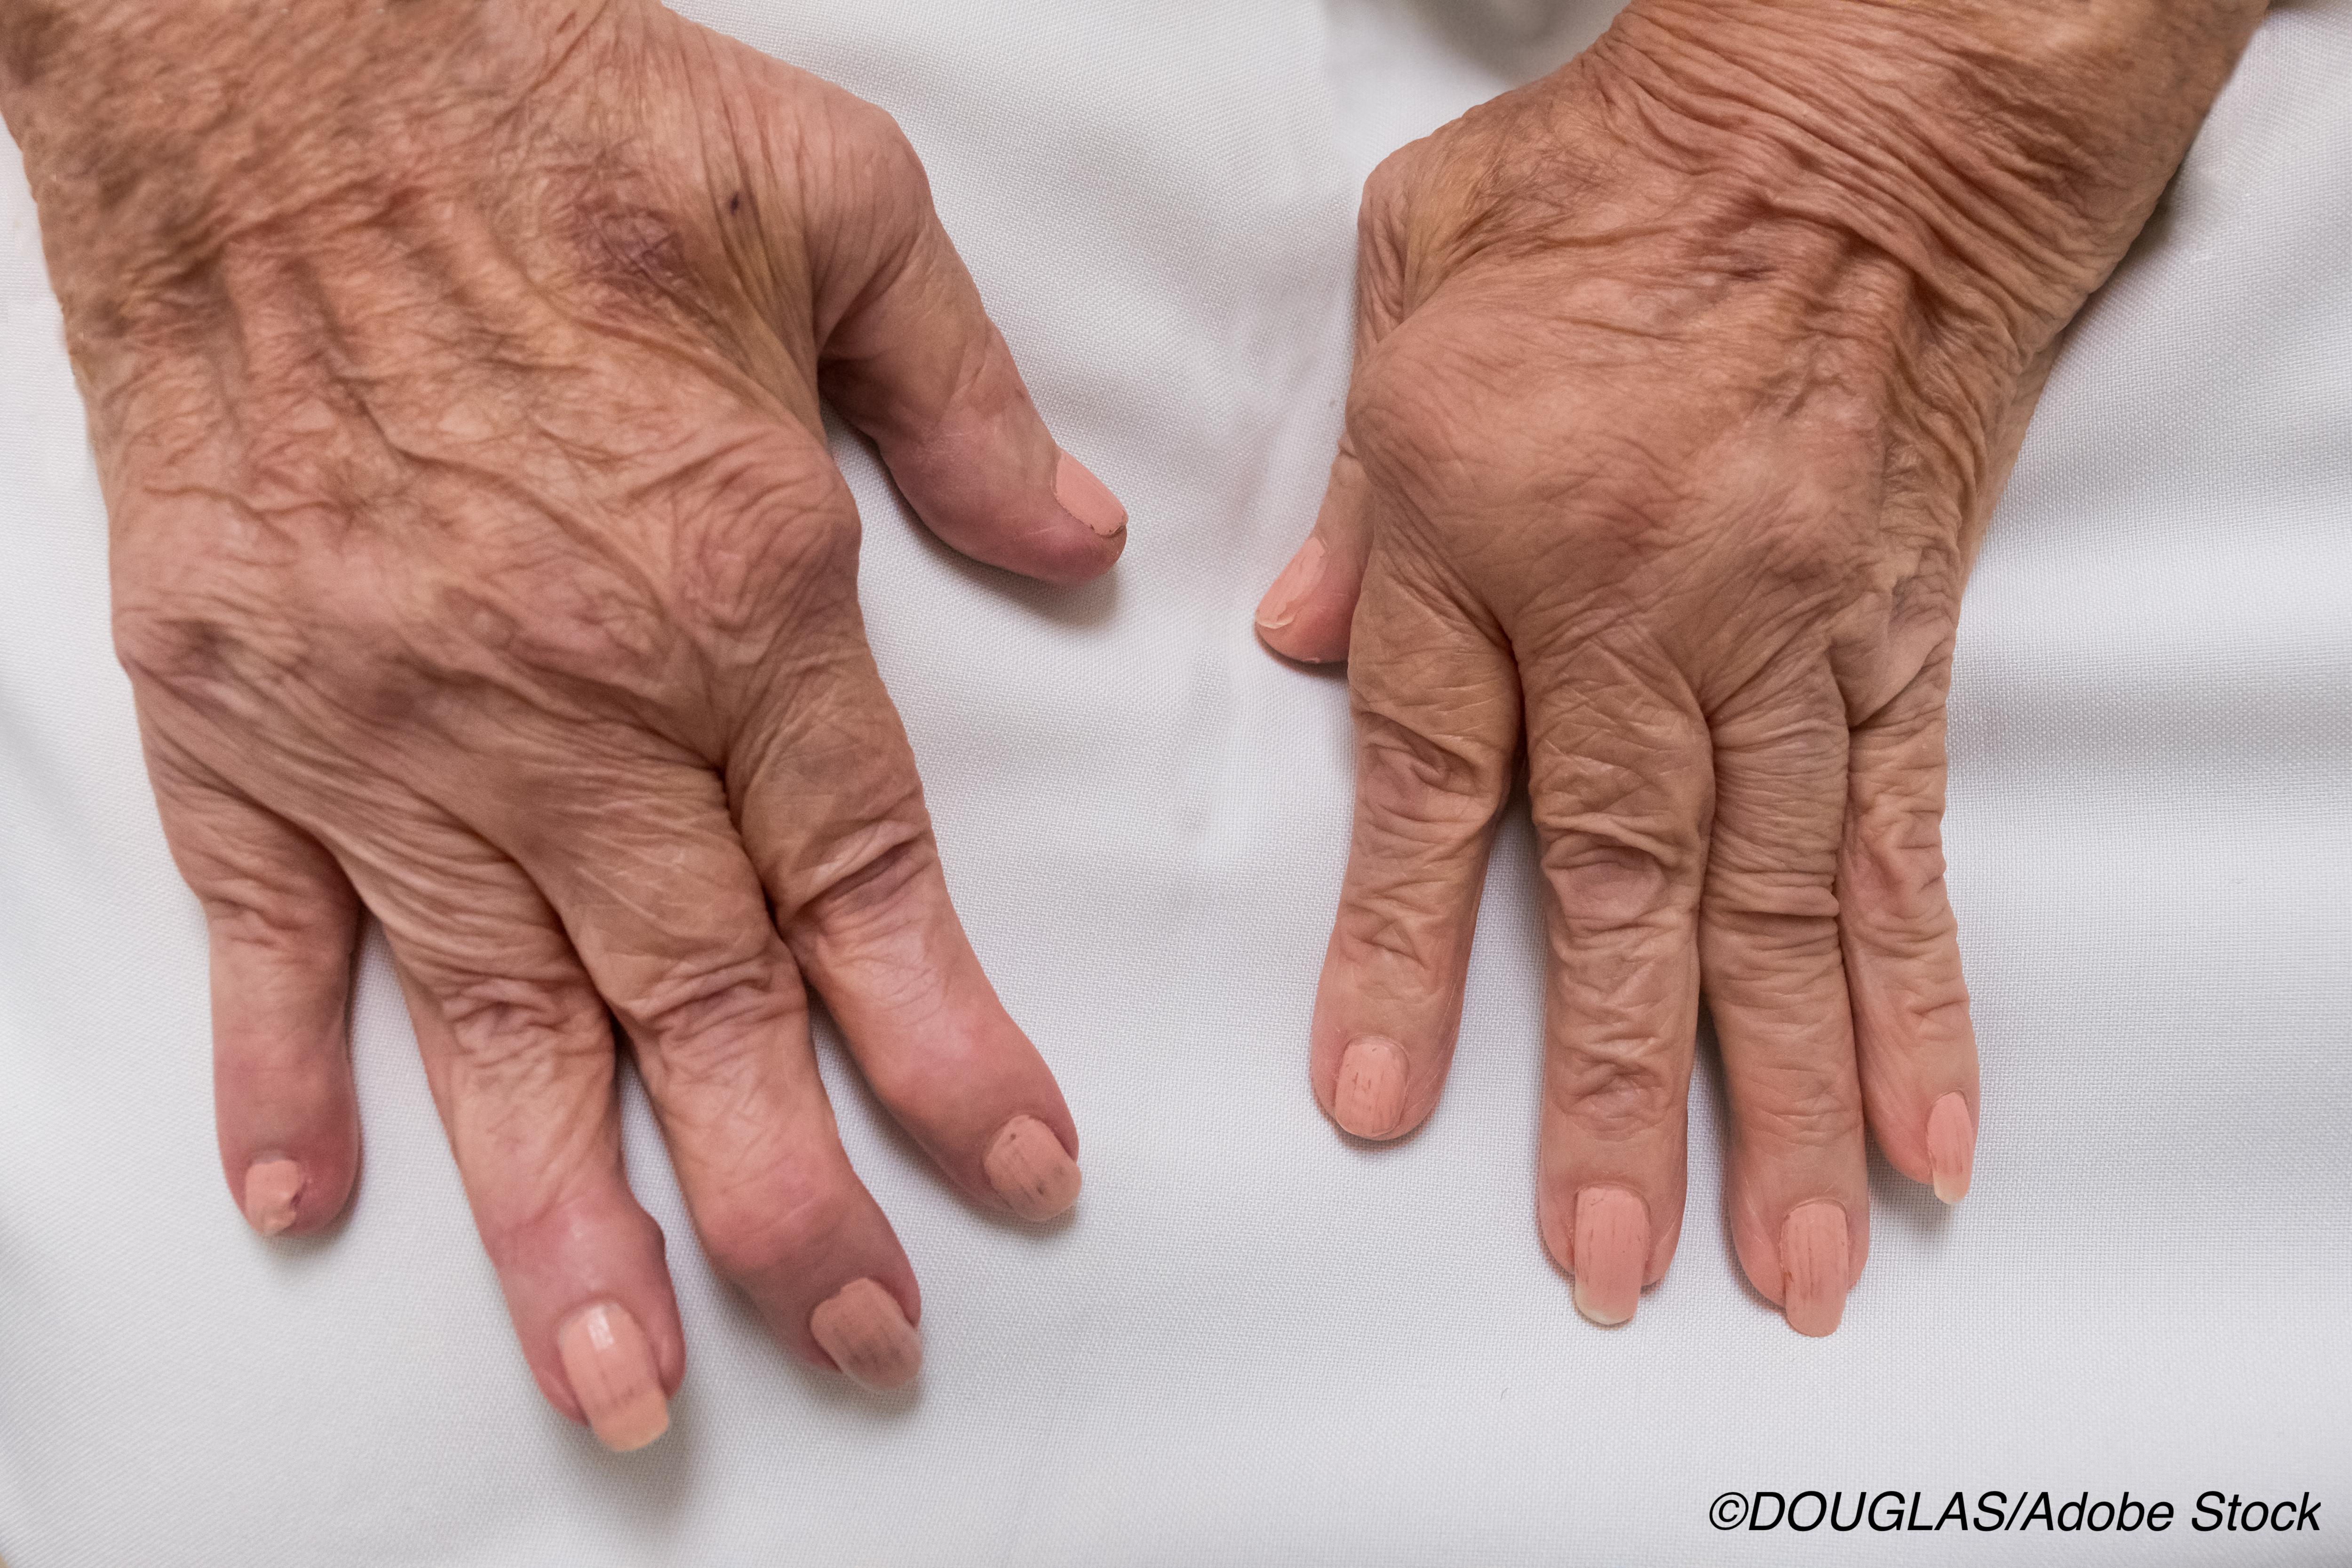 类风湿性关节炎:当DMARDS失败时,JAK抑制剂可以介入吗?